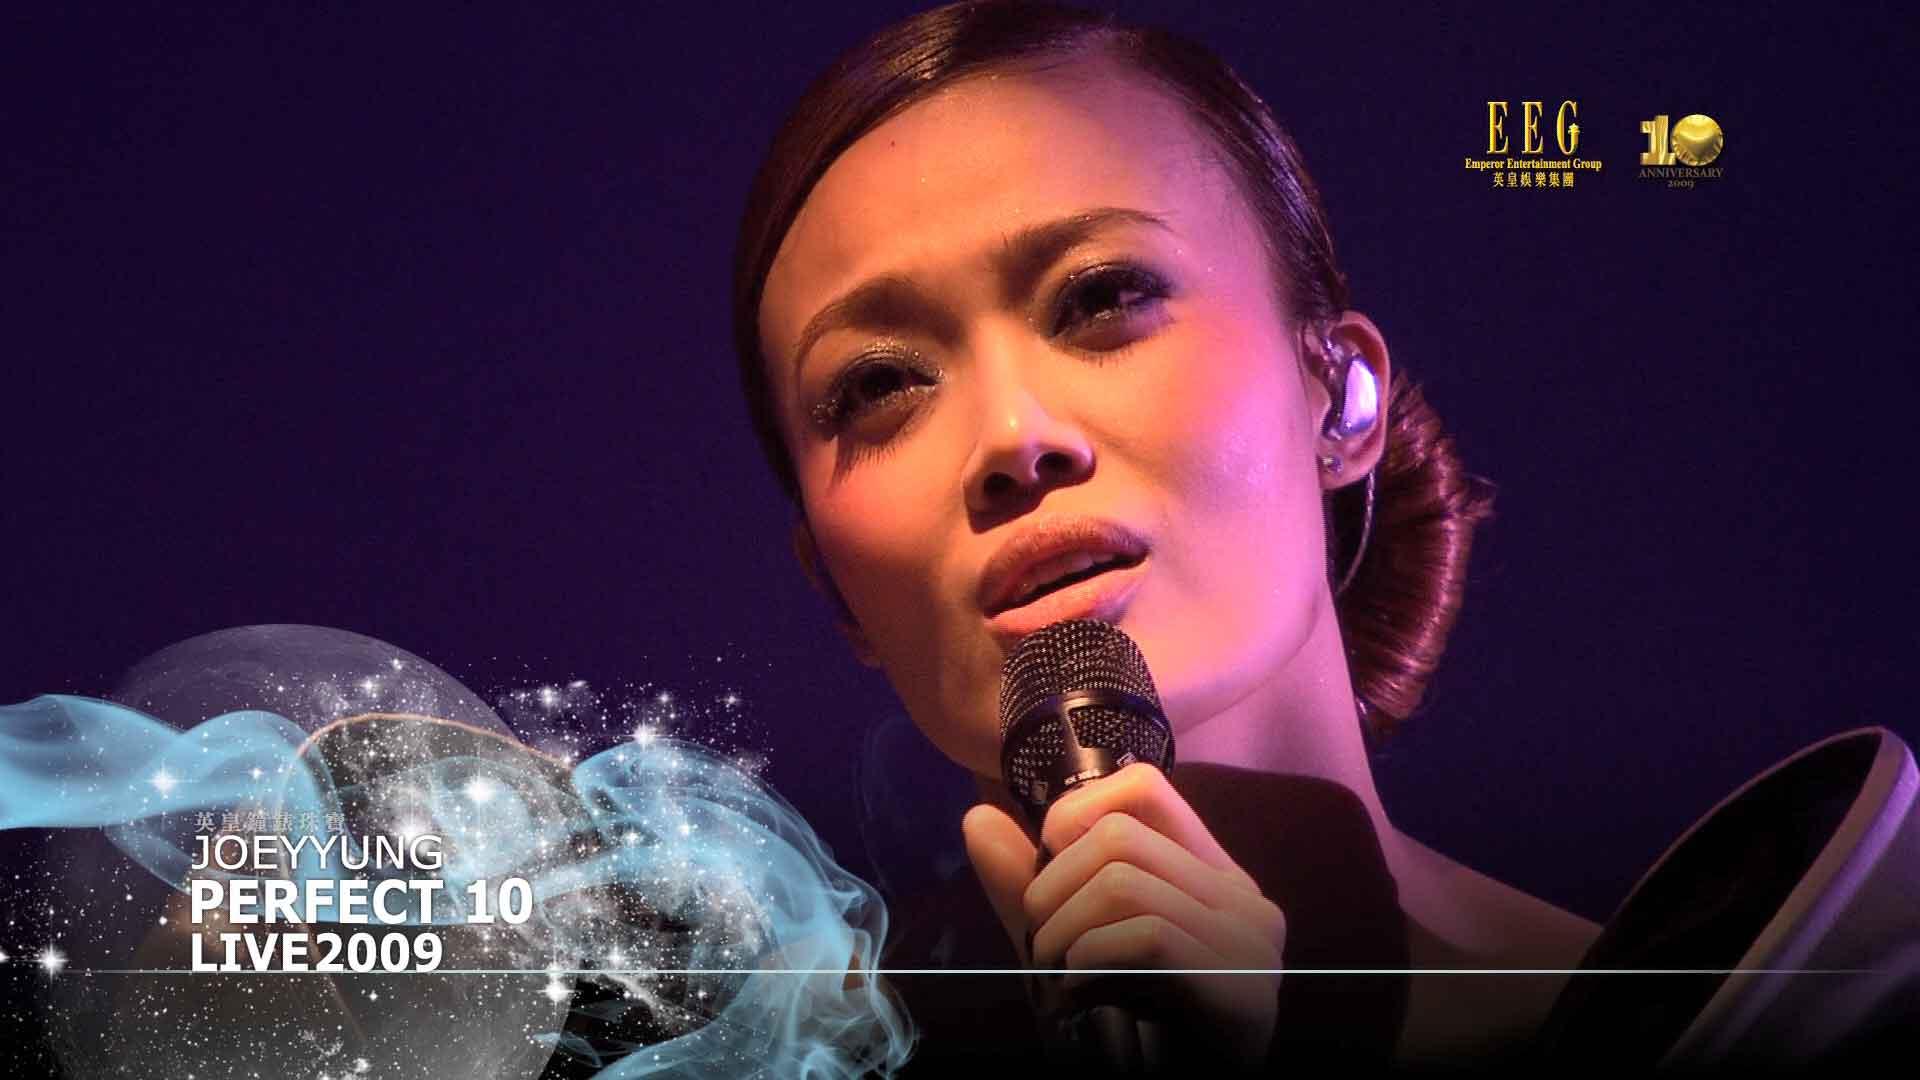 [蓝光原盘] 容祖儿黄金十年演唱会 2009《BDMV 40.3g》